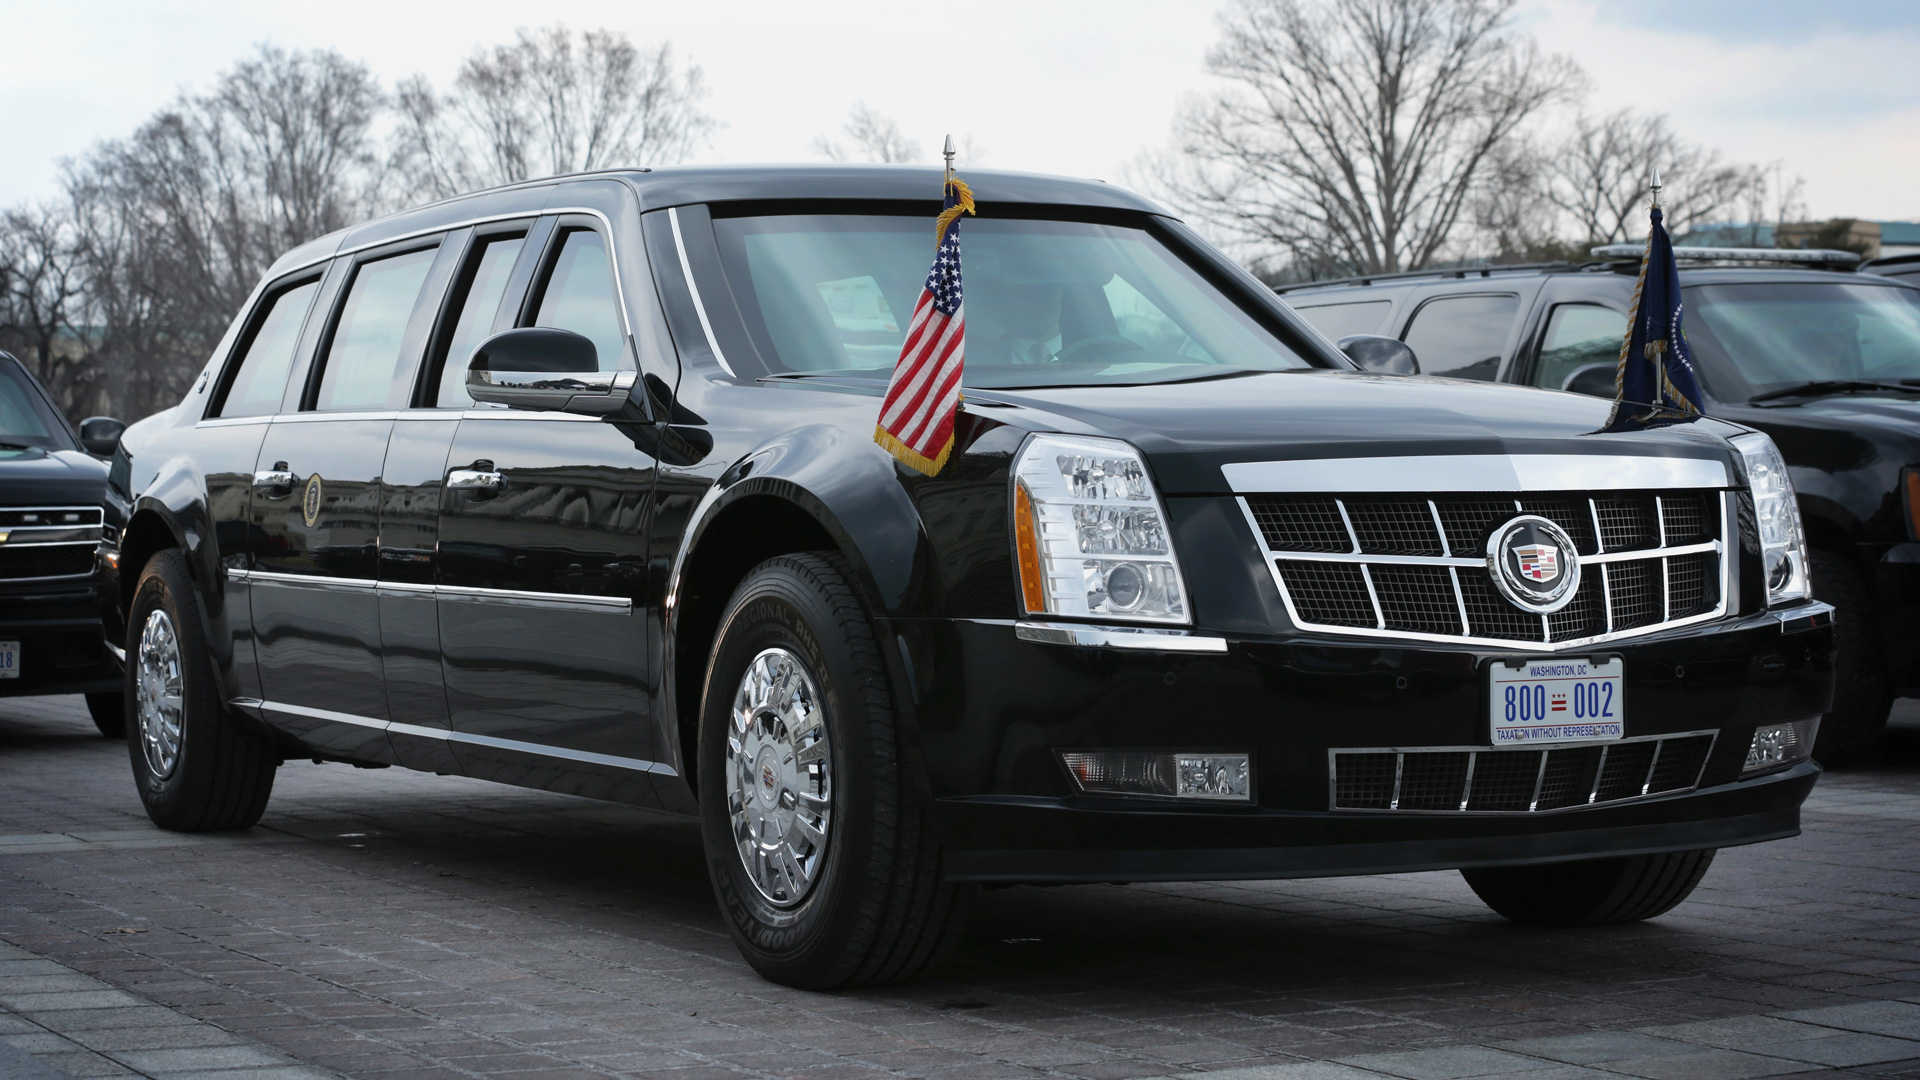 Из каких машин состоит кортеж президента США — Читальный зал — Motor